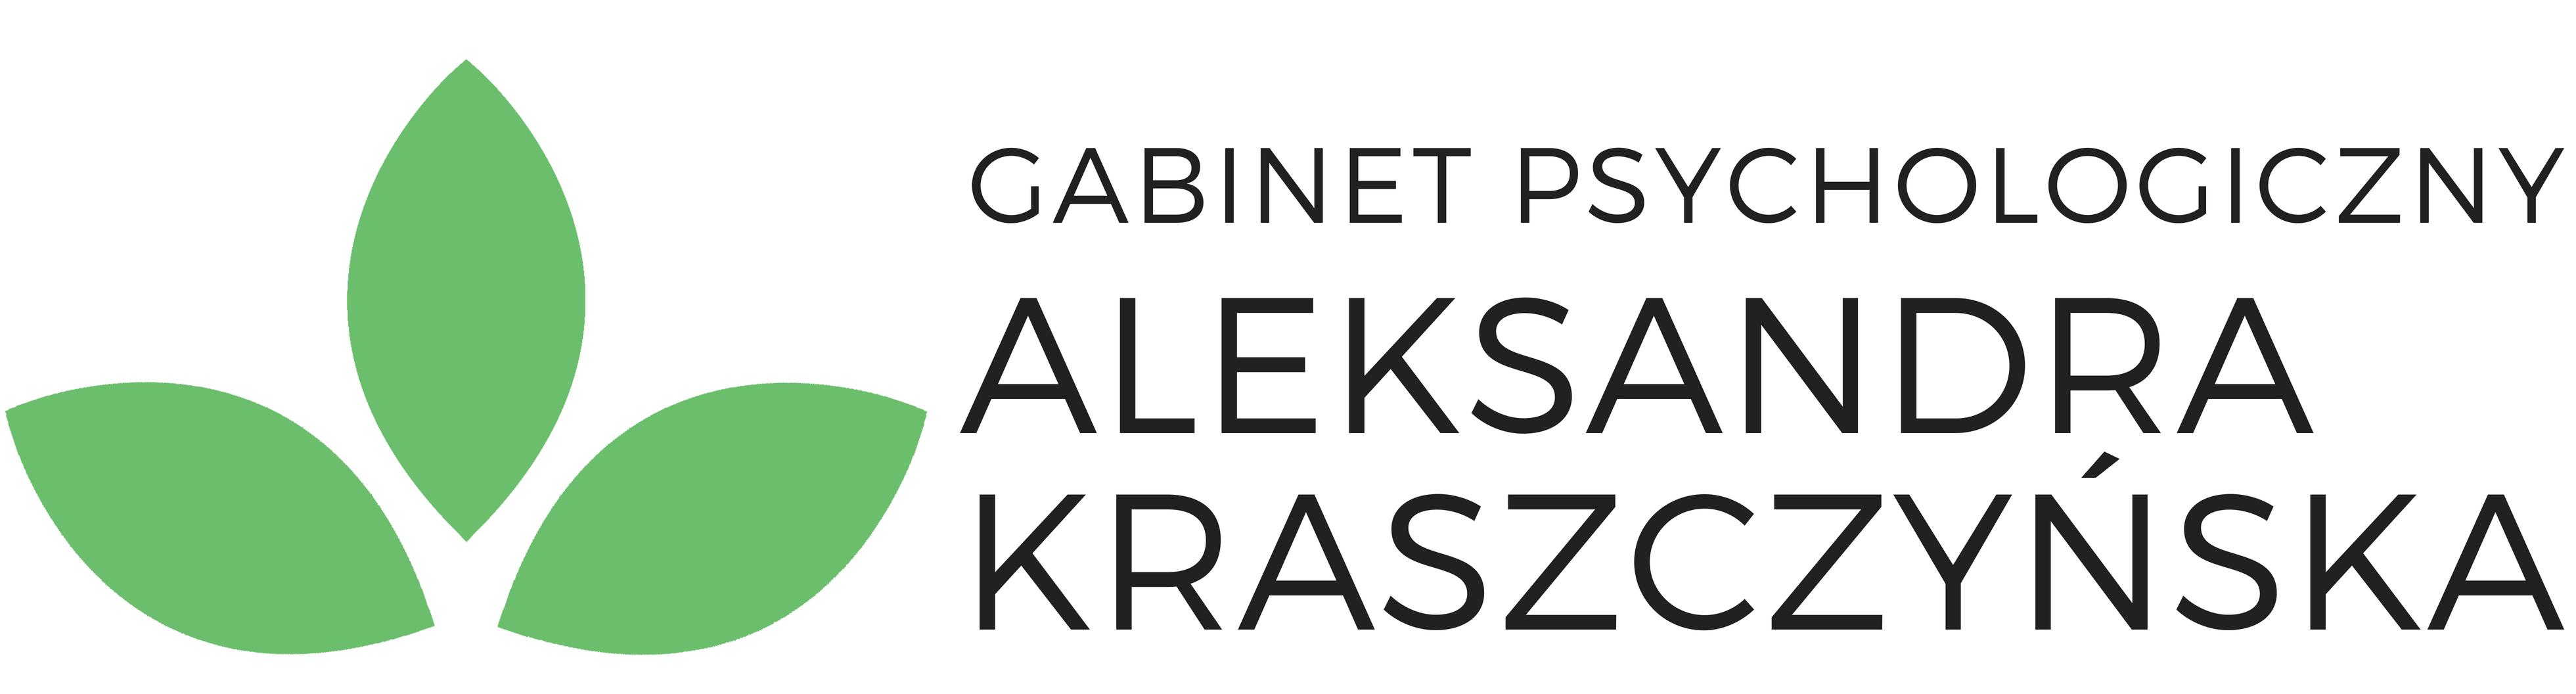 Gabinet Psychologiczny Aleksandra Kraszczyńska